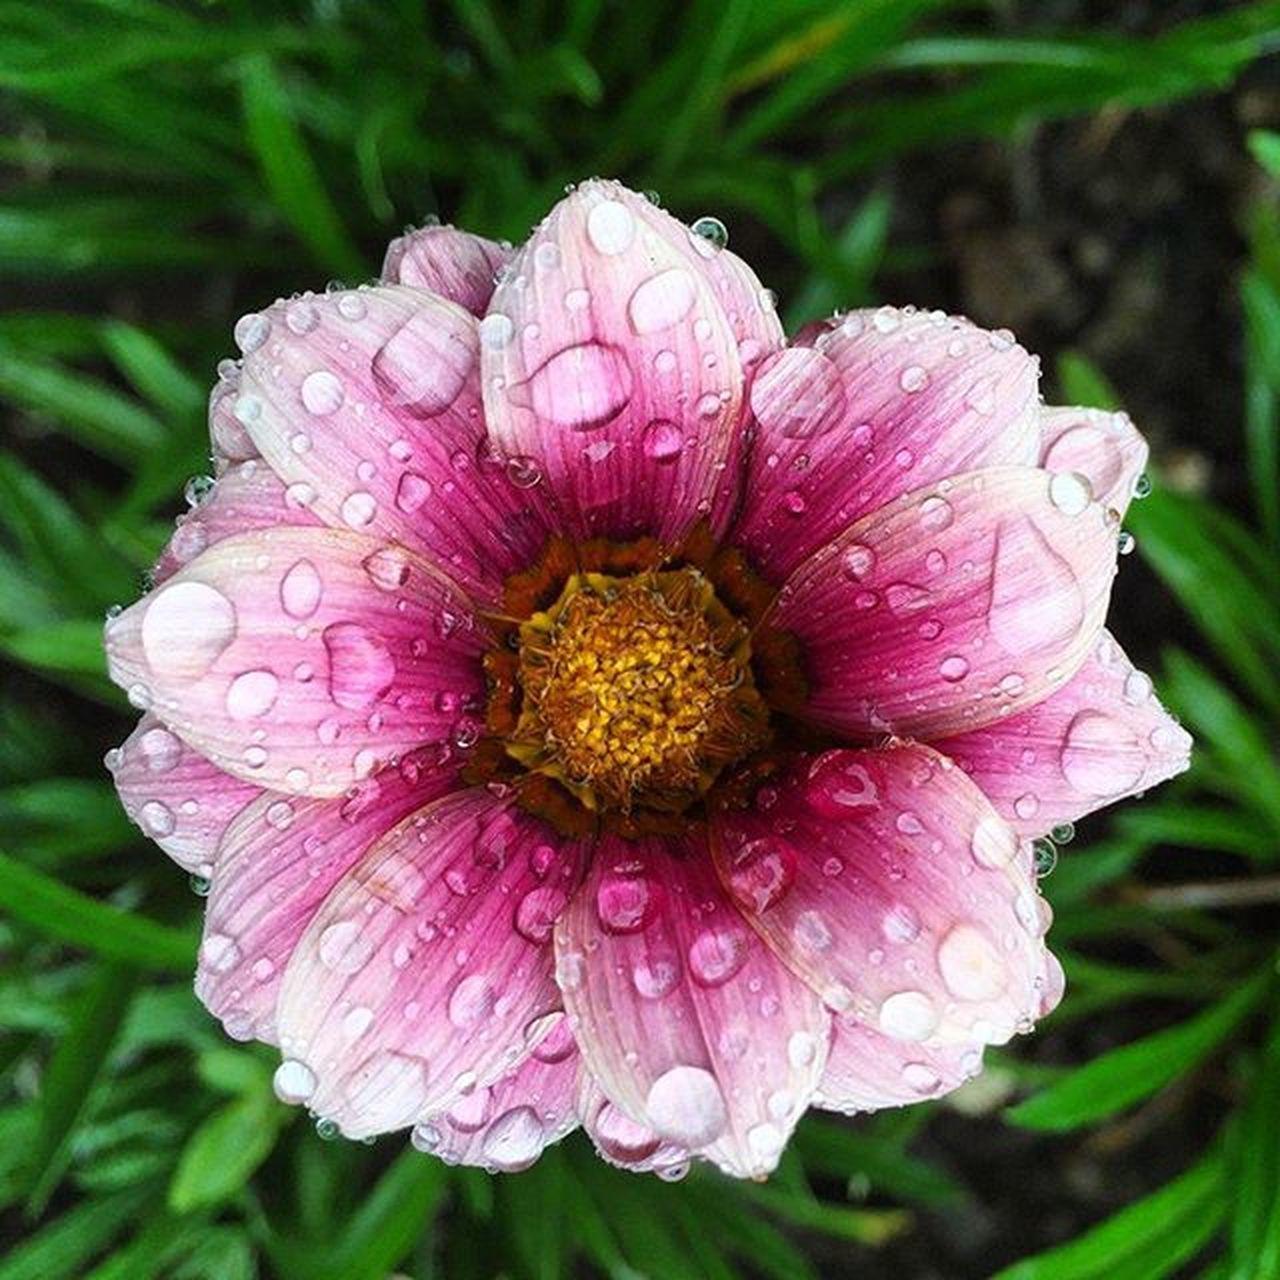 Thanks to @nadiaulfaekaputri untuk liburan yang pendek dan tergesa untuk kesekian kali bersama aku dan @astrinrfjrn Selalu ada kejadian-kejadian absurd, cekcok sana sini, galau kemana-mana, menerjang hujan dan badai tapi selalu senang dan kanker pada akhirnya Jj_indetail Nothingisordinary_ 9vaga_flowersart9 9vaga_fl_pink9 9vaga_colorpink9